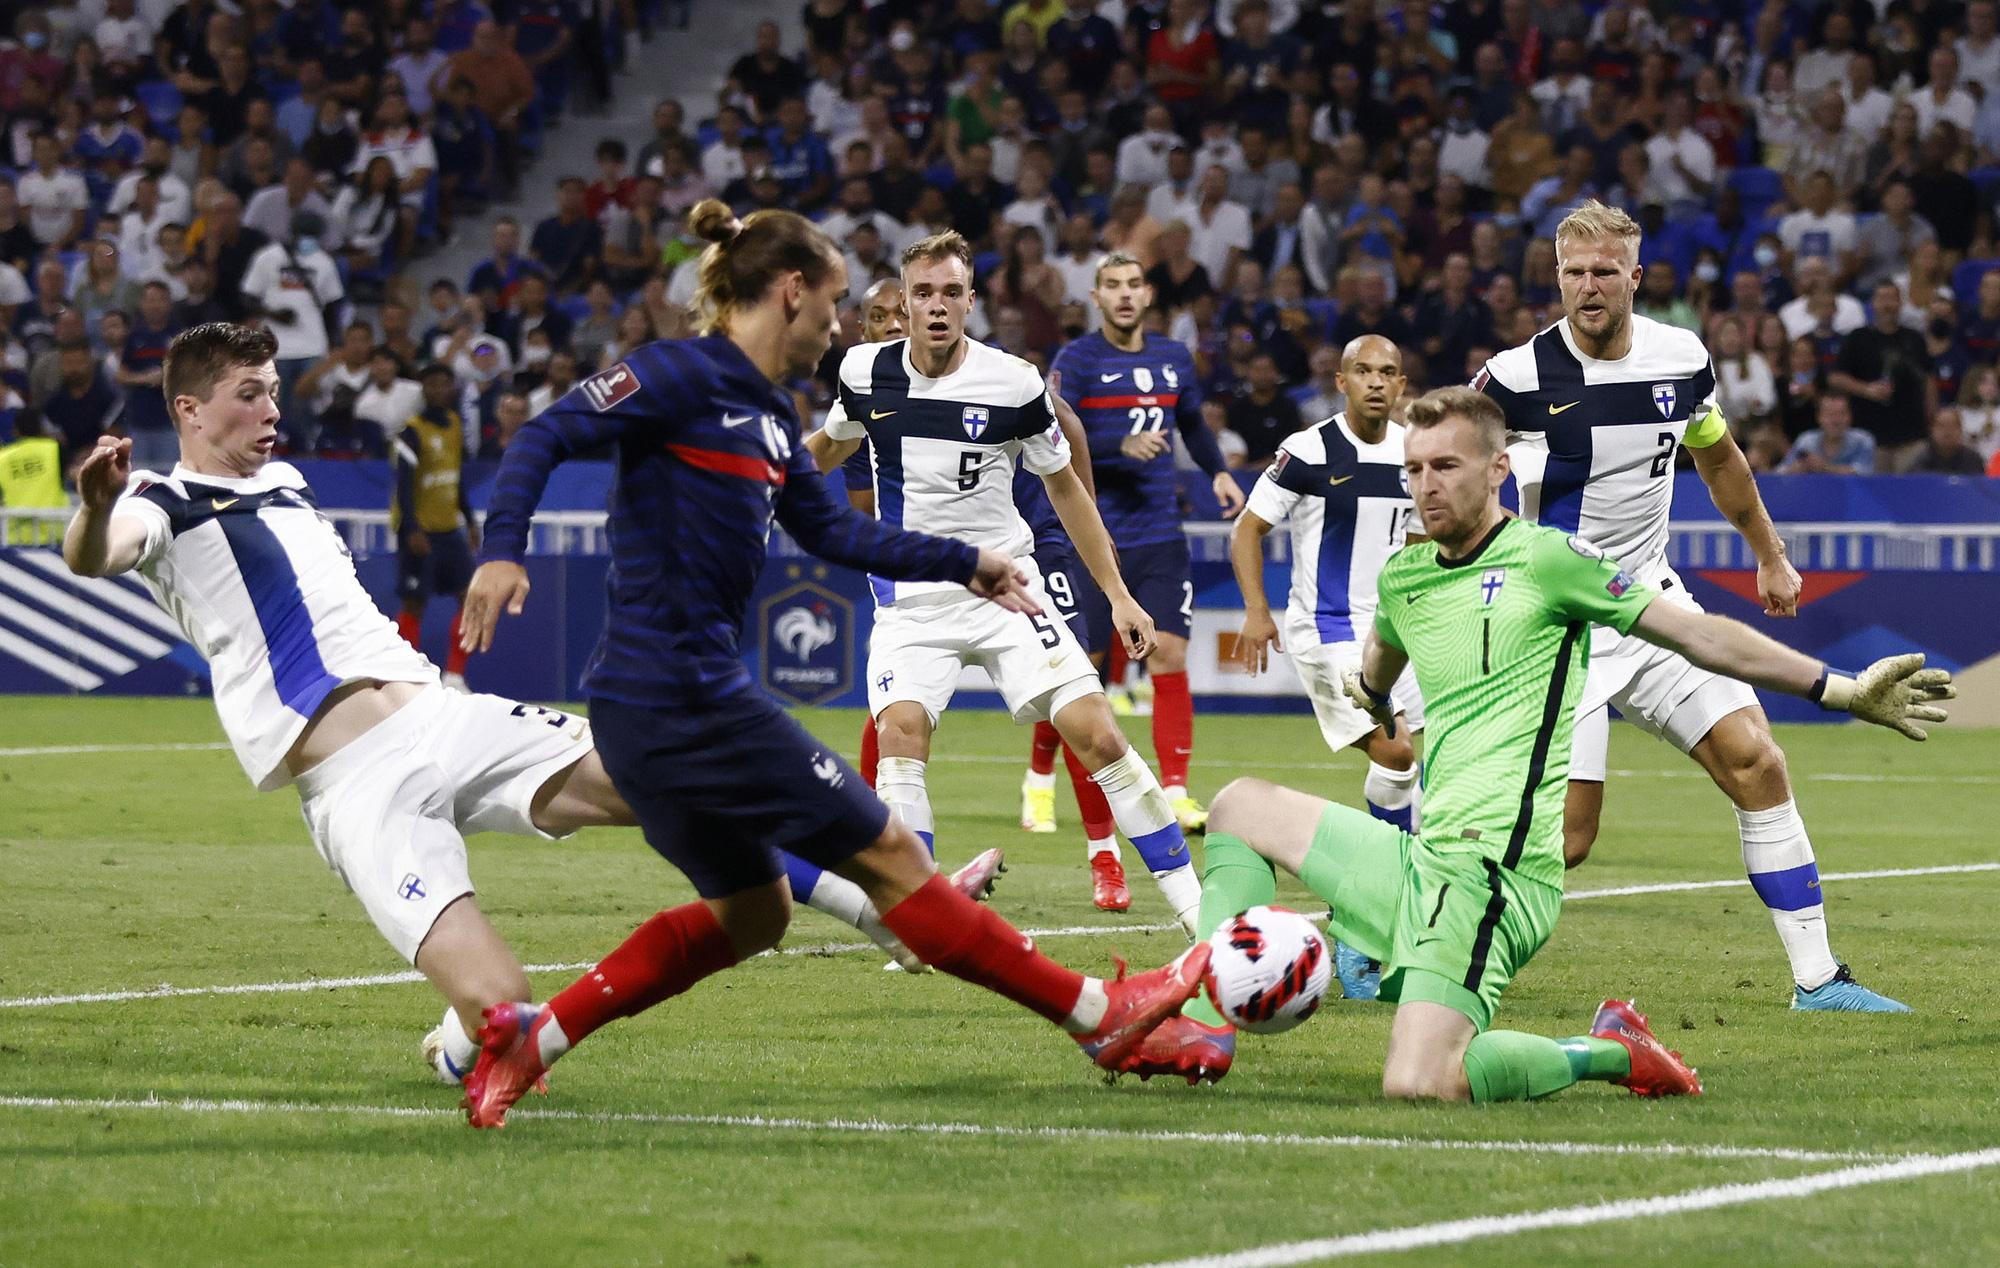 Pháp đứng nhất bảng D sau khi hạ Phần Lan với tỷ số 2-0